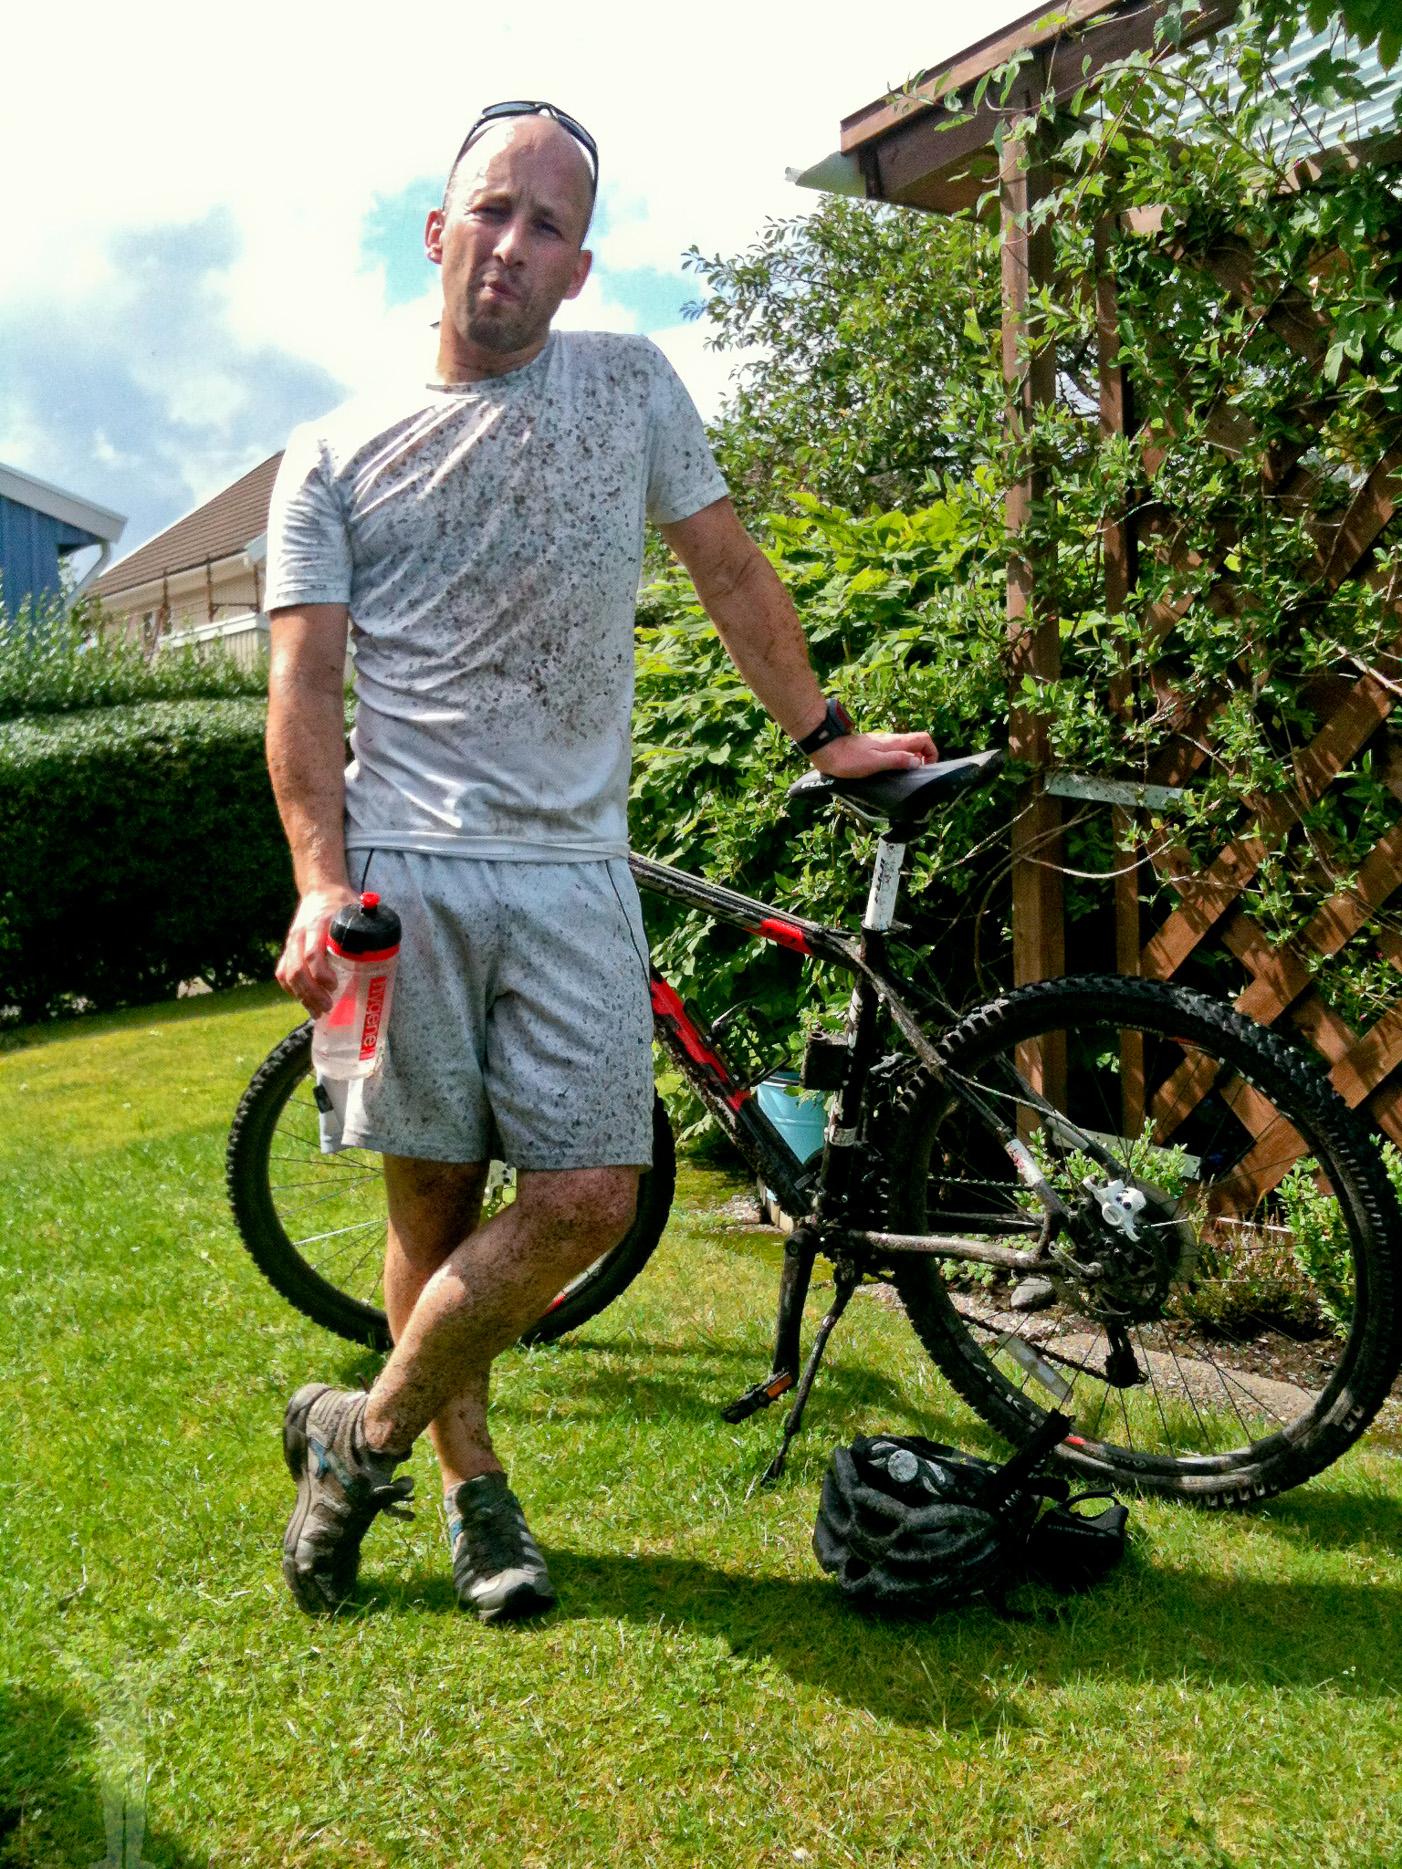 Cykel-Dryden efter ett lerigt pass i skogen